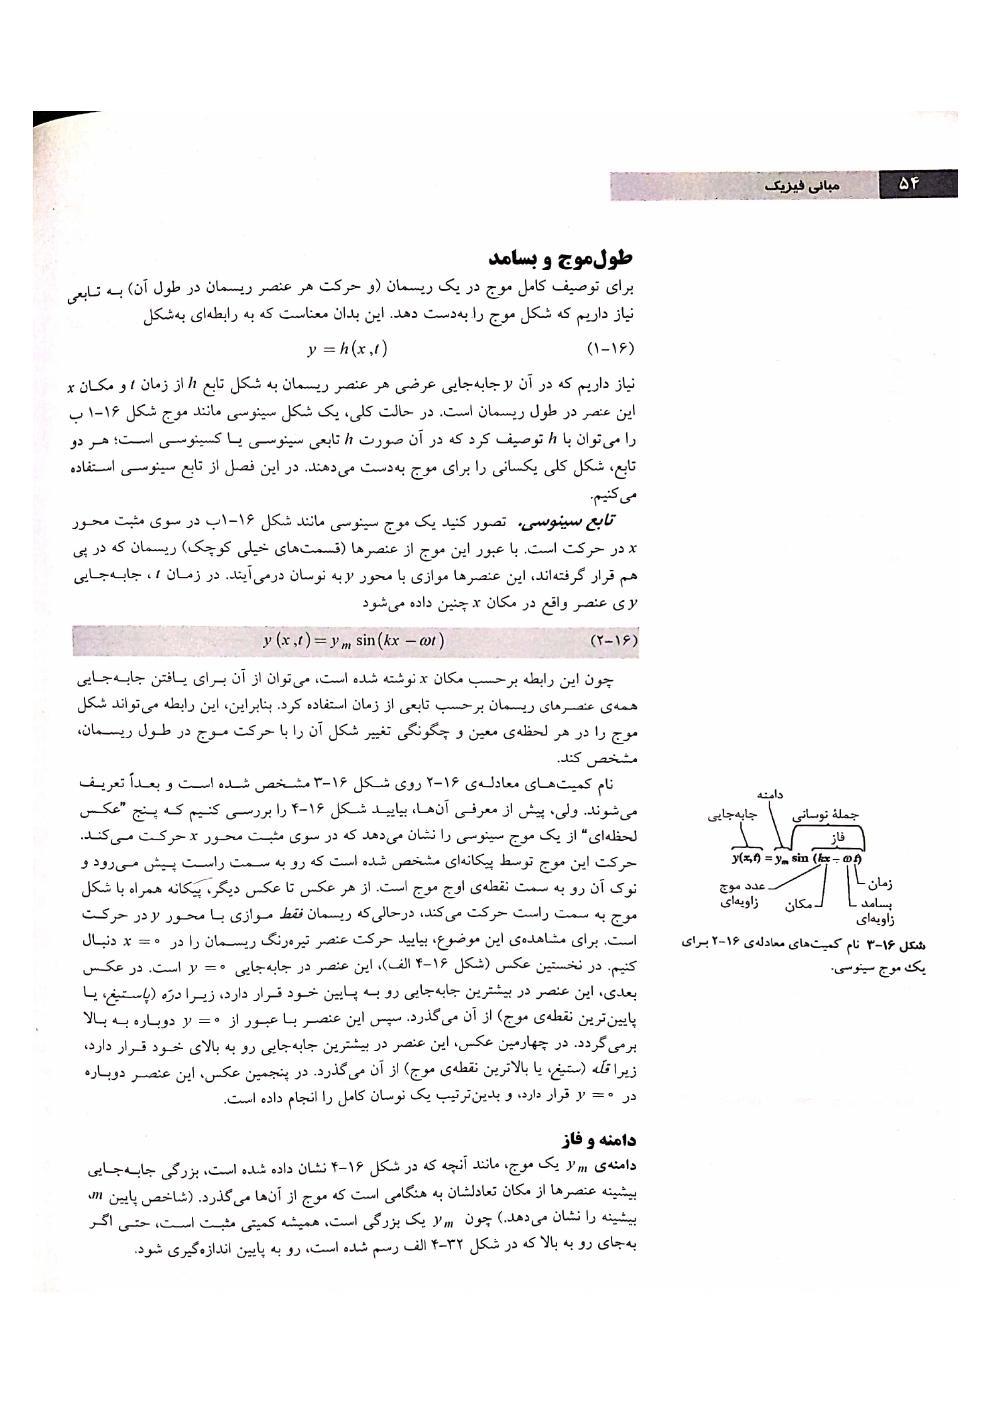 مبانی فیزیک هالیدی جلد سوم ویرایش 10 به همراه حل المسائل فارسی